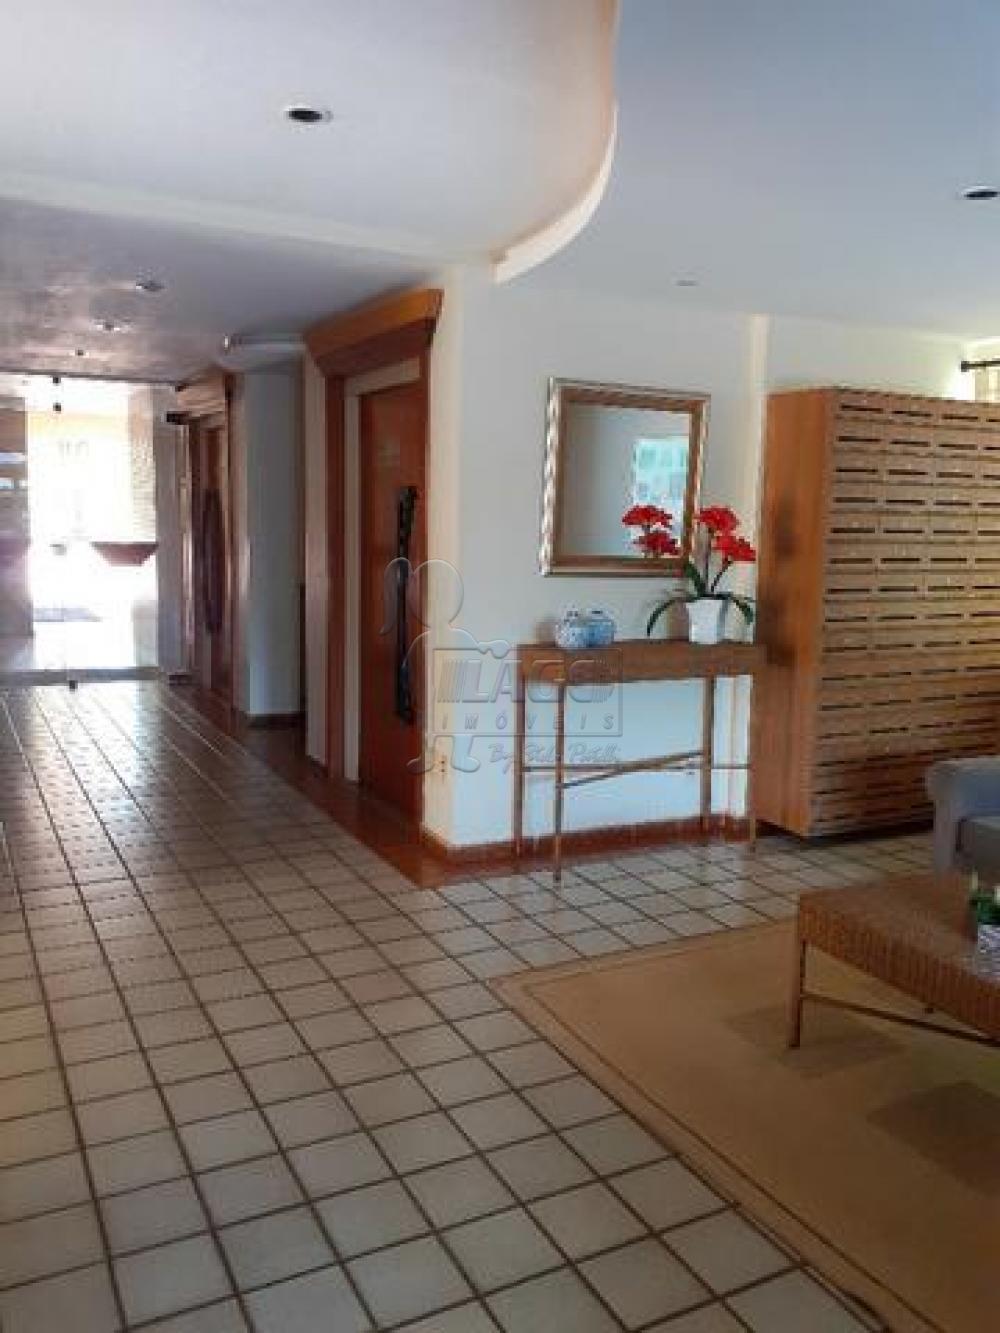 Comprar Apartamento / Padrão em Ribeirão Preto apenas R$ 320.000,00 - Foto 18